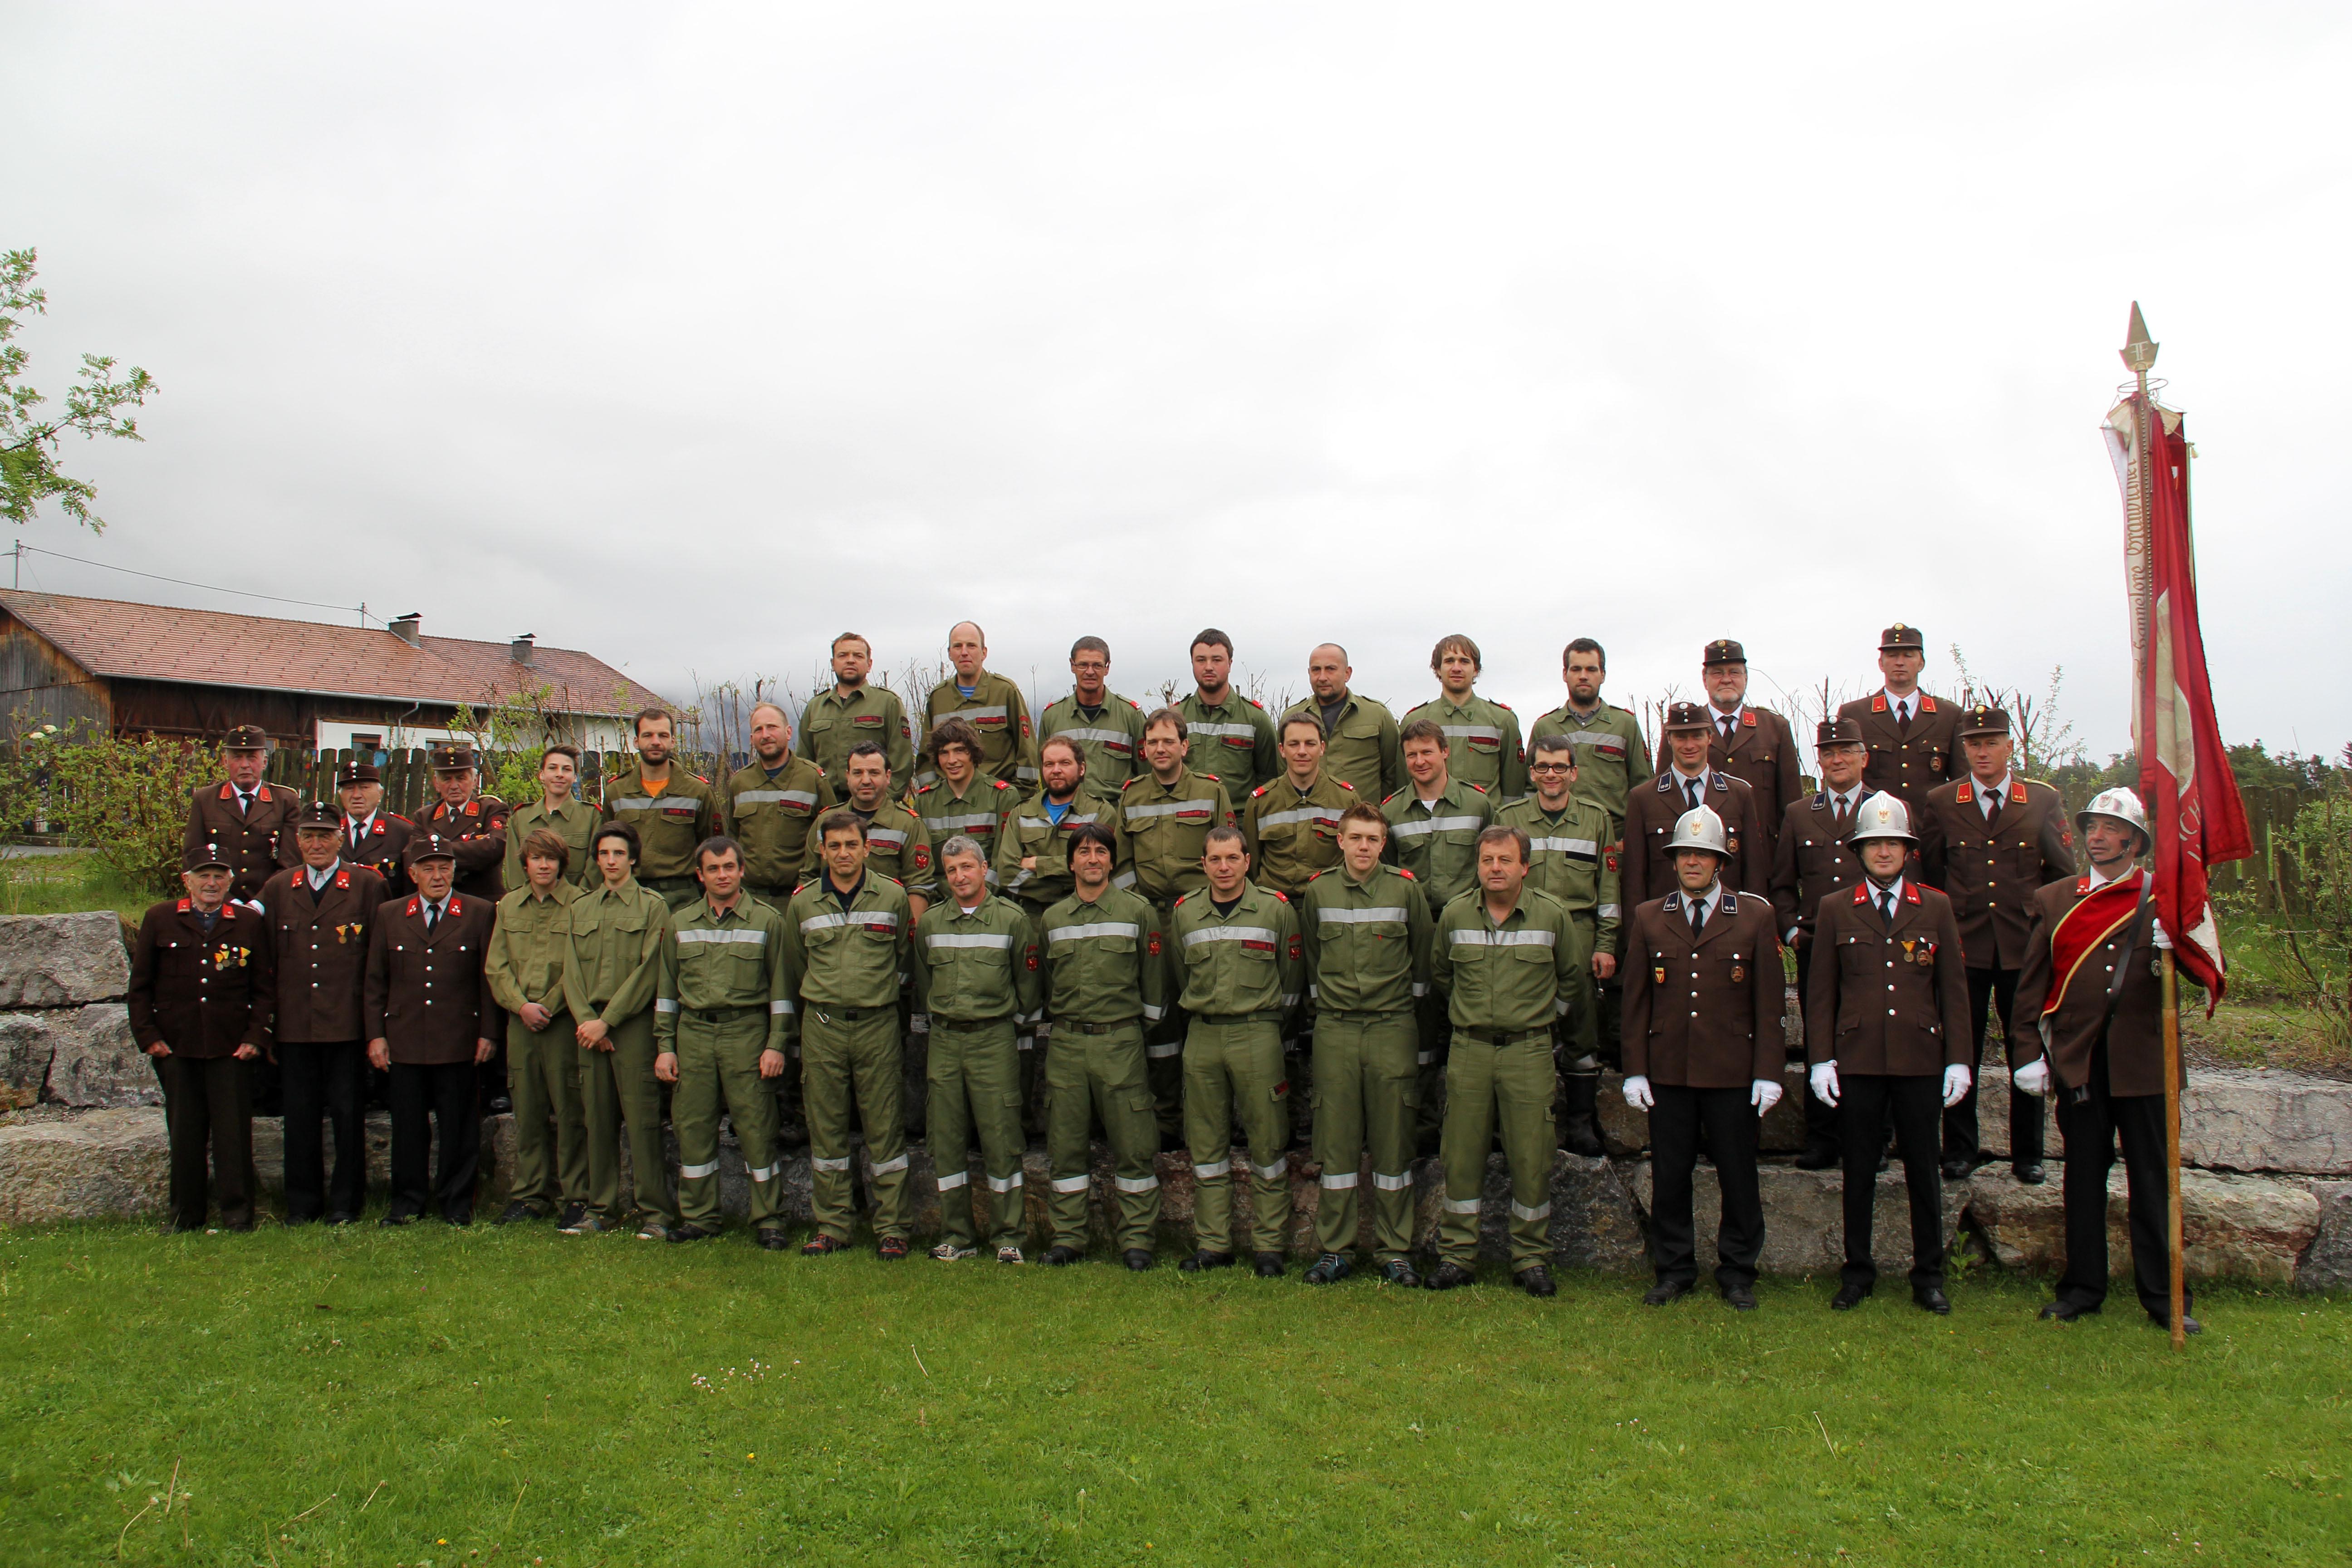 FF-Mannschaft2012-05-06_1(1)